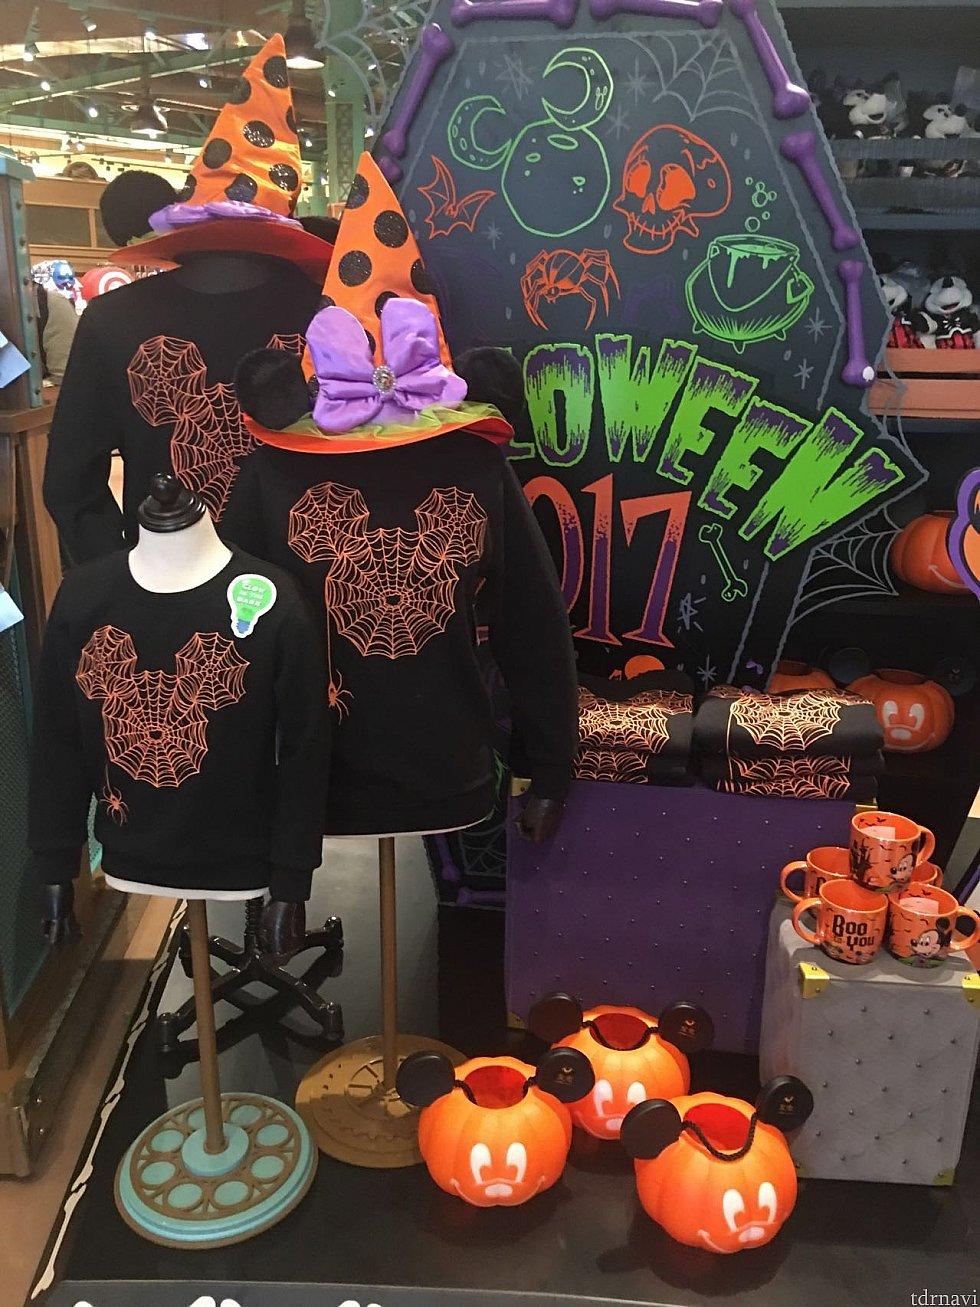 ハロウィンのイベント前にグッズの販売がすでに始まっています!